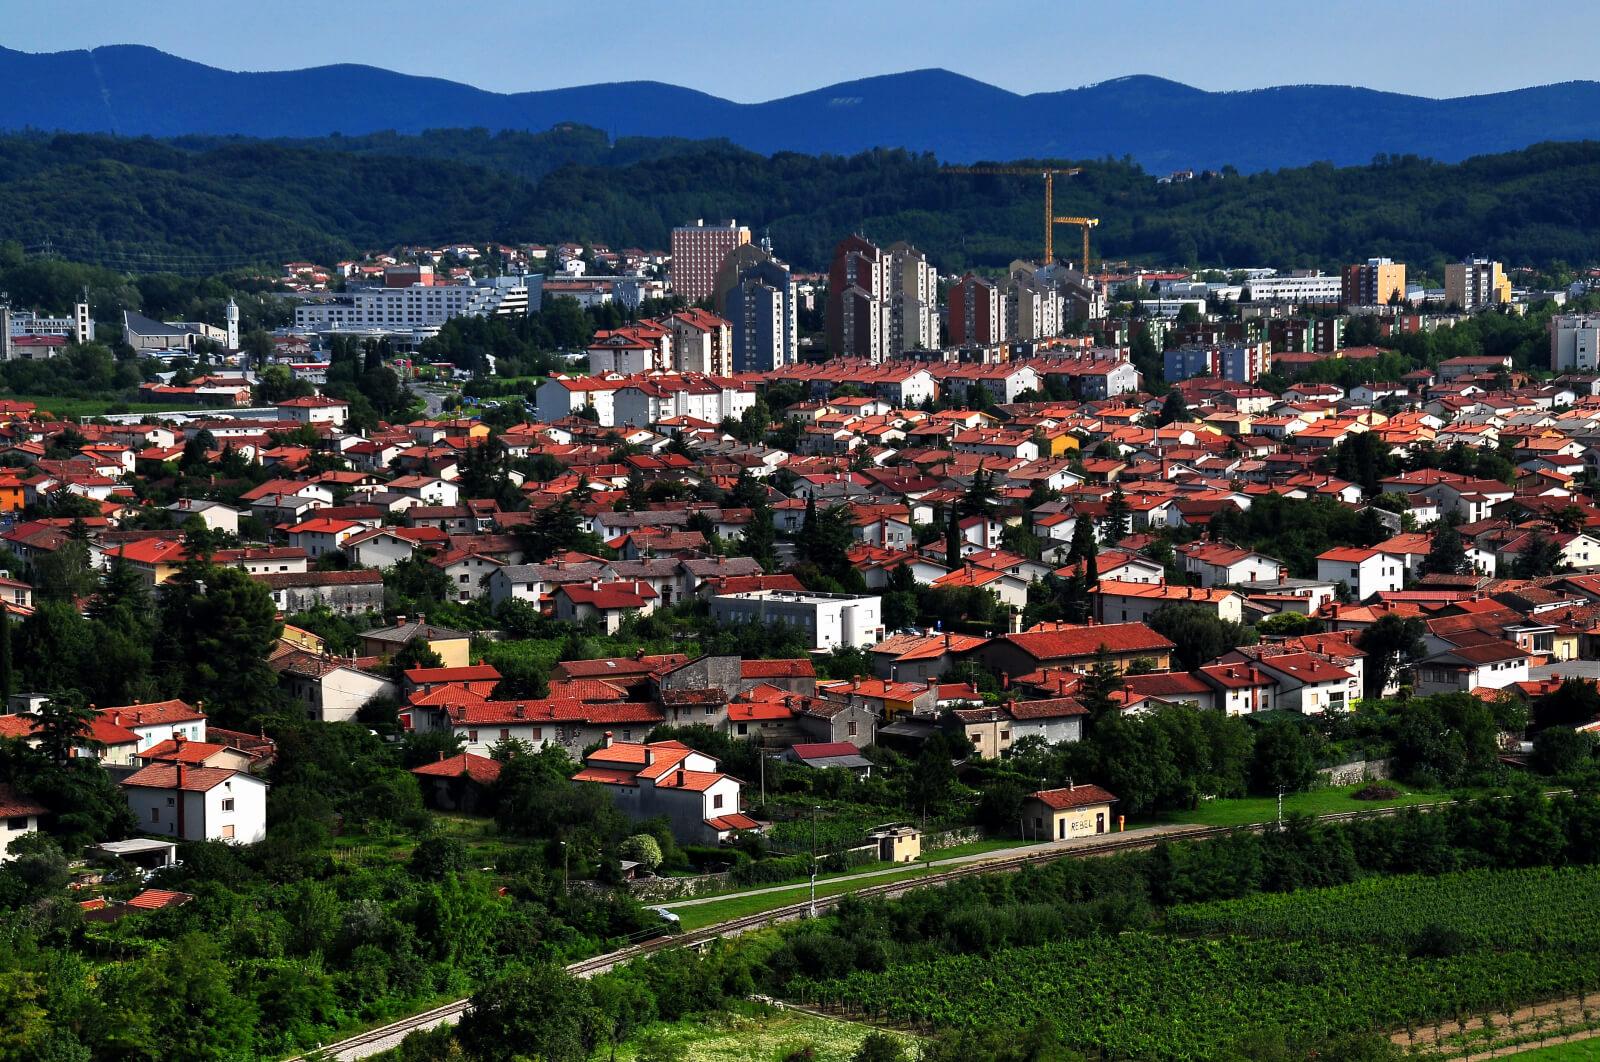 Mestna občina Nova Gorica izbrana za izvedbo pilotnega projekta Skupnostno upravljanje z življenjskimi viri v občini